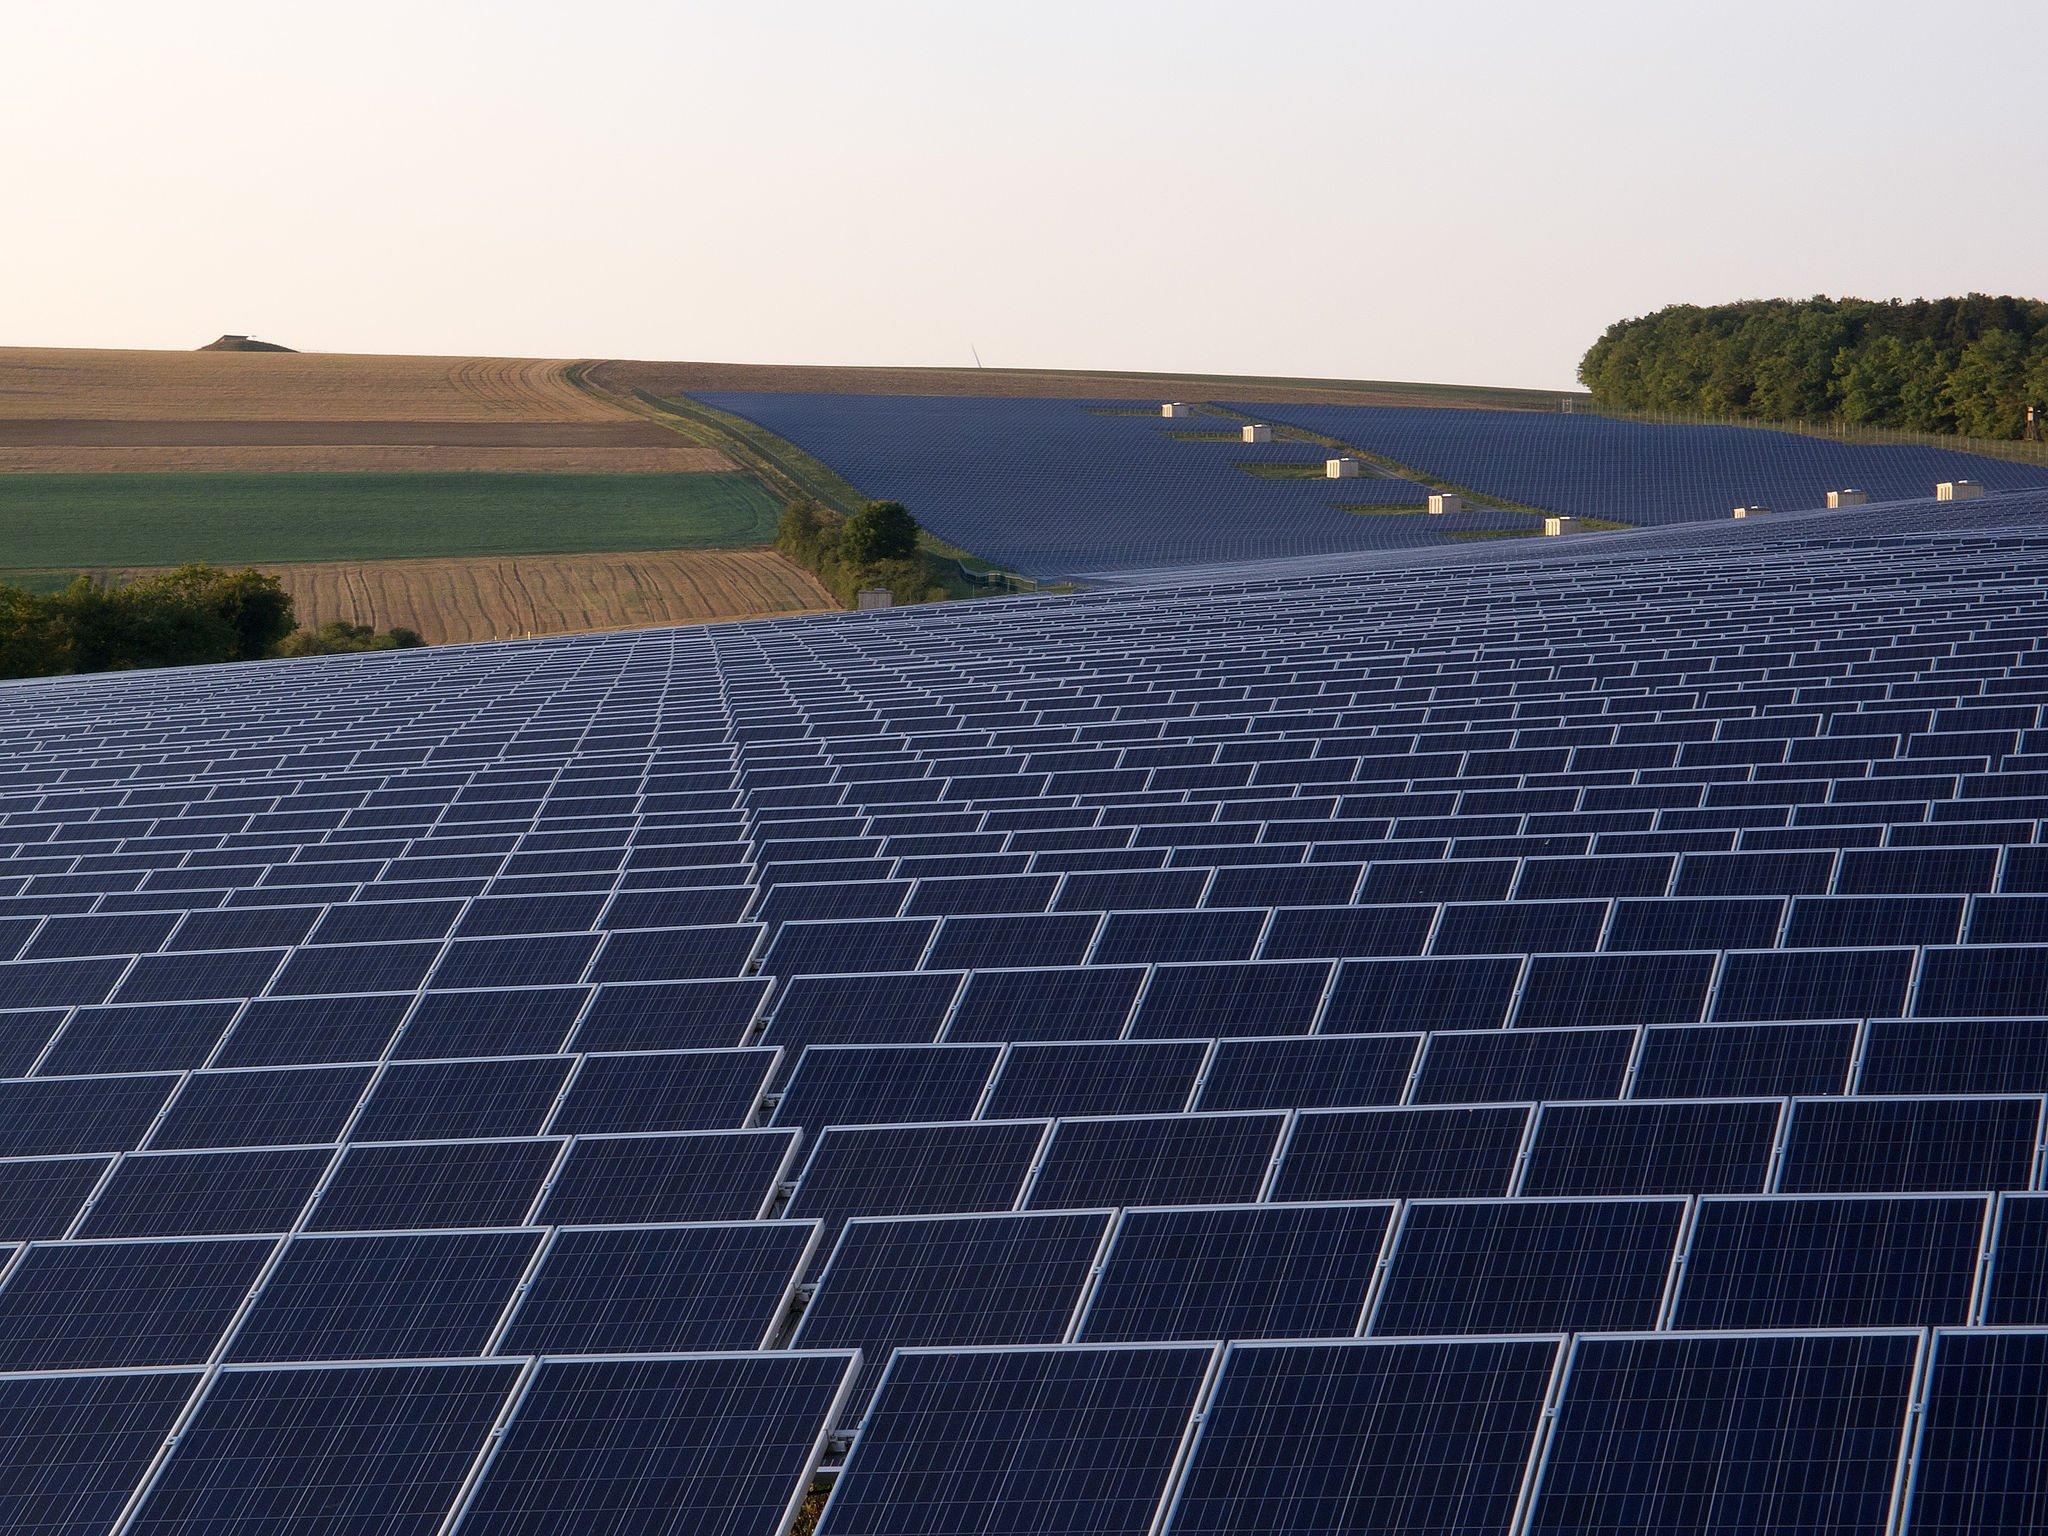 THE FUTURE OF SOLAR ENERGY IN ALEPPO